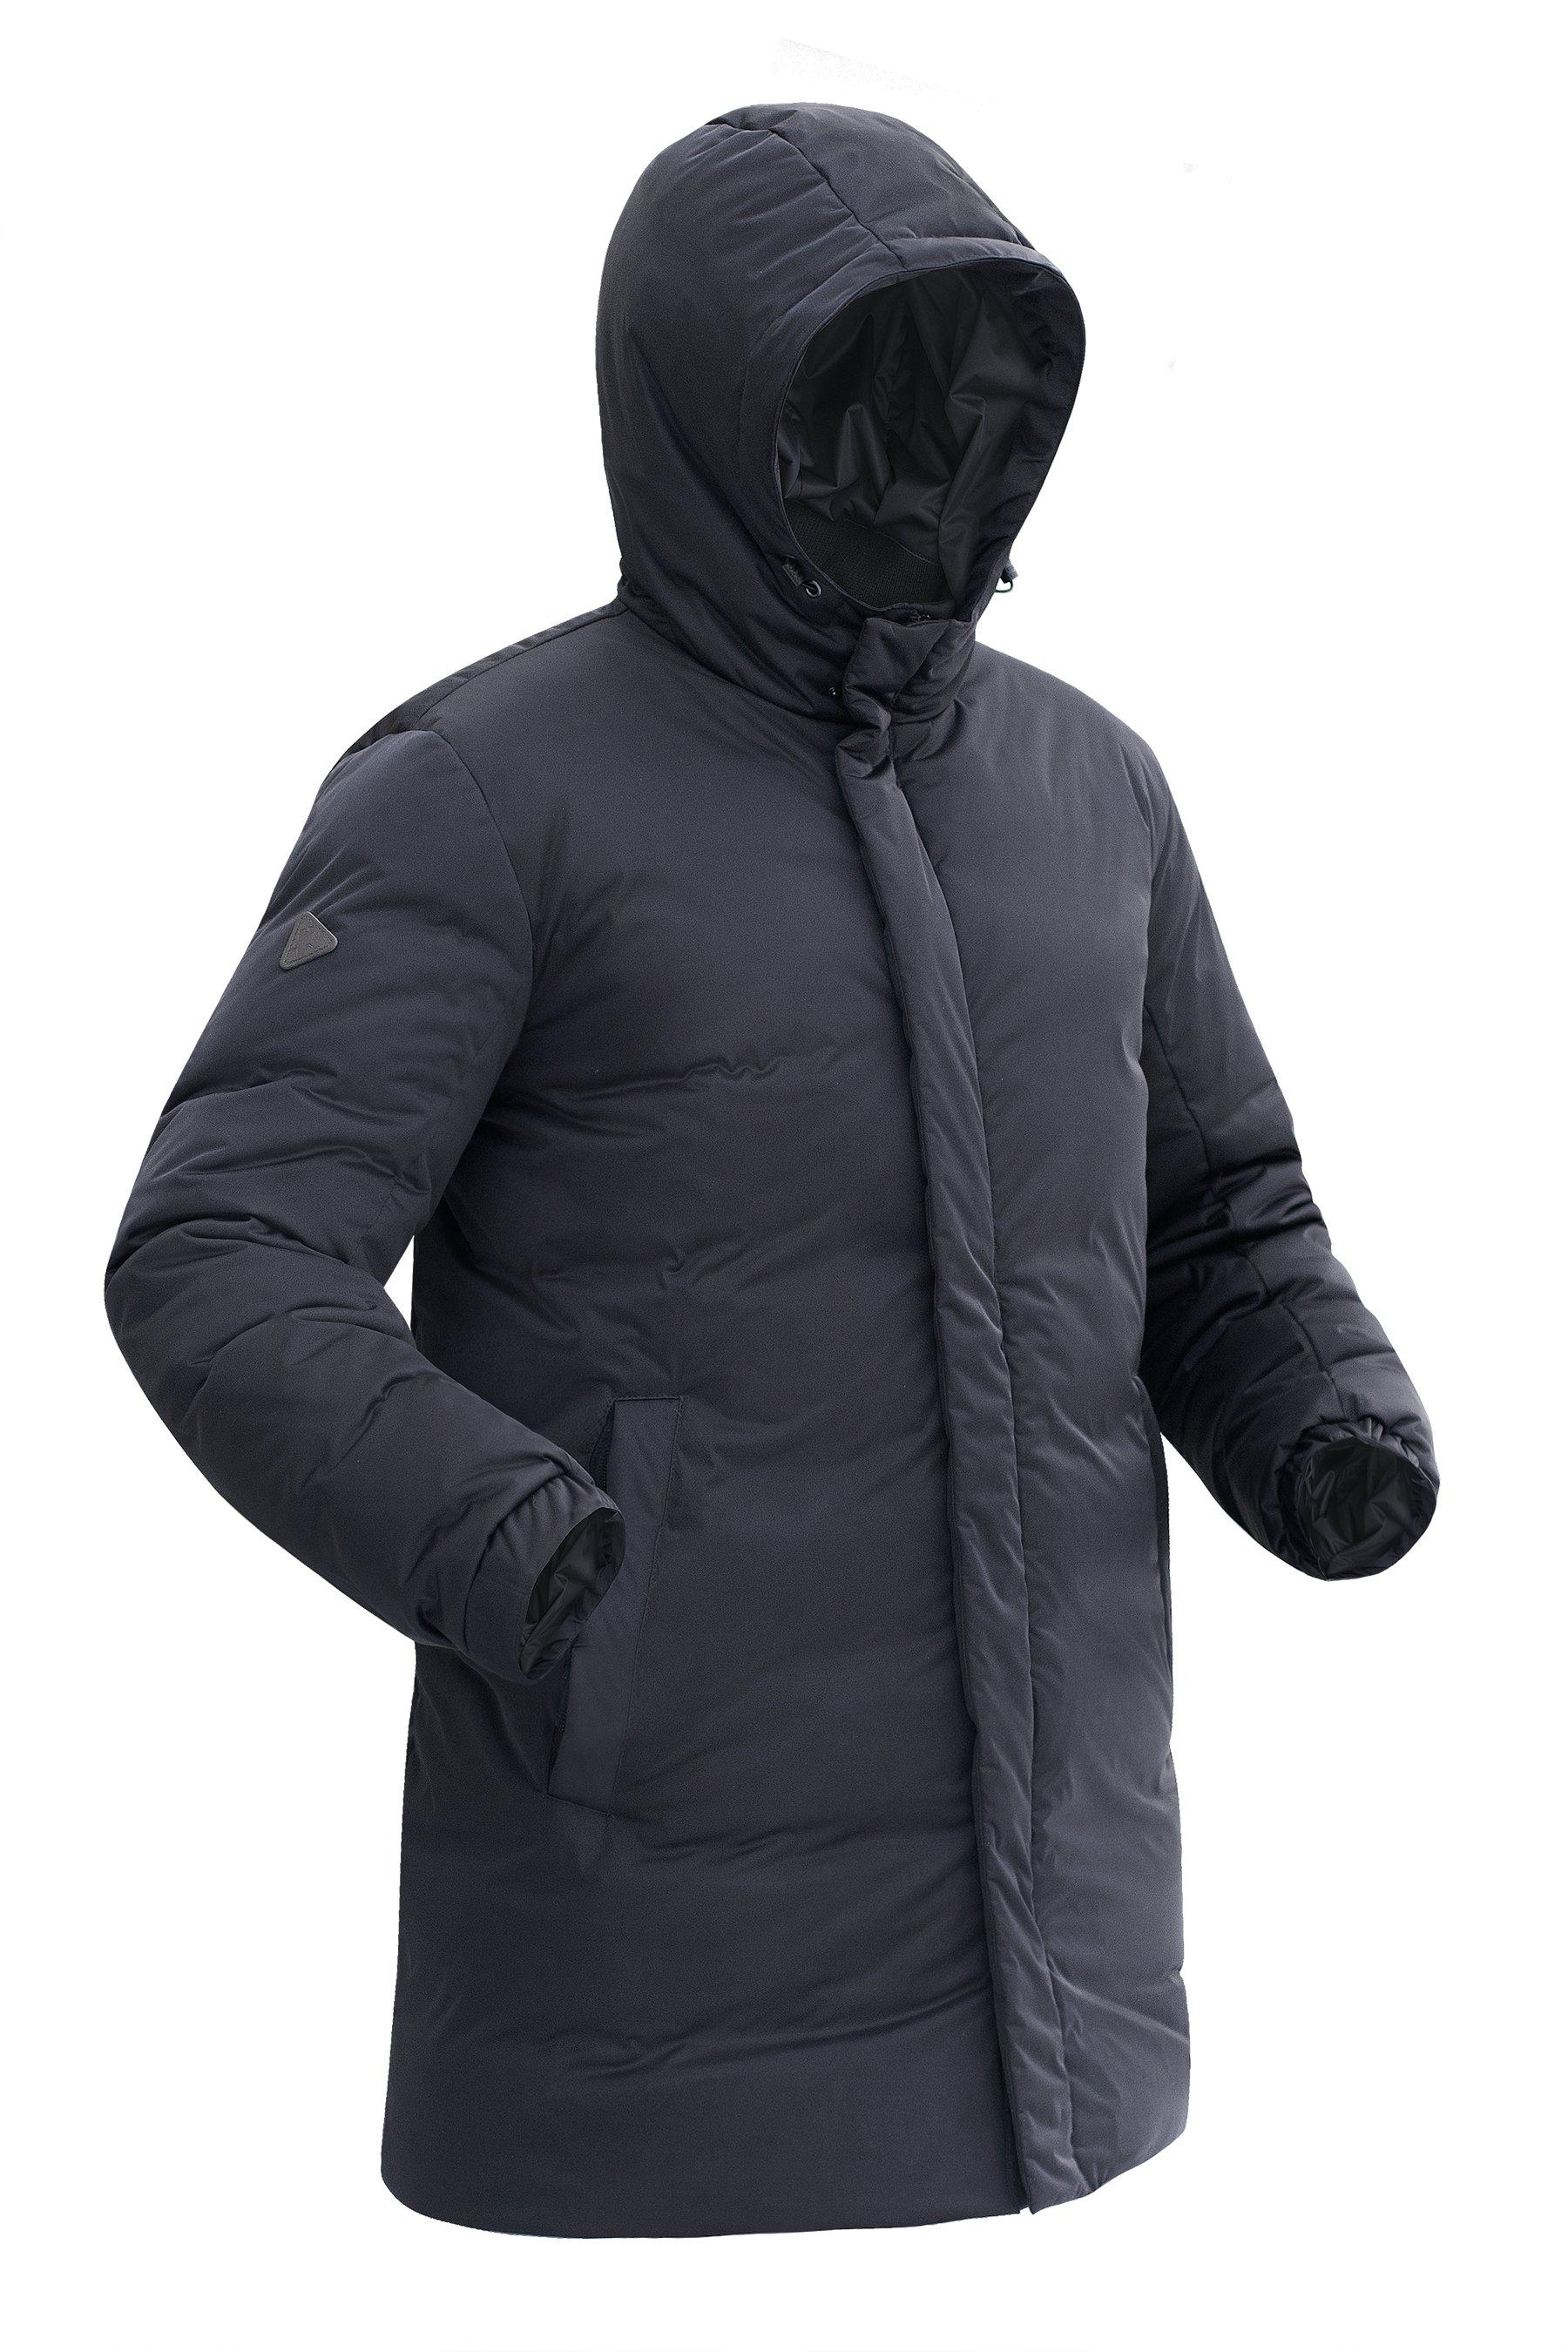 Пуховая куртка BASK ICEBERG LUX 5451Куртки<br><br><br>Верхняя ткань: Advance® Lux<br>Вес граммы: 950<br>Ветро-влагозащитные свойства верхней ткани: Нет<br>Ветрозащитная планка: Да<br>Ветрозащитная юбка: Нет<br>Влагозащитные молнии: Нет<br>Внутренние манжеты: Нет<br>Внутренняя ткань: Advance® Classic<br>Водонепроницаемость: 10000<br>Дублирующий центральную молнию клапан: Да<br>Защитный козырёк капюшона: Нет<br>Капюшон: Несъемный<br>Карман для средств связи: Нет<br>Количество внешних карманов: 2<br>Количество внутренних карманов: 2<br>Мембрана: Да<br>Объемный крой локтевой зоны: Нет<br>Отстёгивающиеся рукава: Нет<br>Паропроницаемость: 20000<br>Показатель Fill Power (для пуховых изделий): 700<br>Пол: Мужской<br>Проклейка швов: Нет<br>Регулировка манжетов рукавов: Да<br>Регулировка низа: Нет<br>Регулировка объёма капюшона: Да<br>Регулировка талии: Нет<br>Регулируемые вентиляционные отверстия: Нет<br>Световозвращающая лента: Нет<br>Технология Thermal Welding: Нет<br>Технология швов: Простые<br>Тип молнии: Двухзамковая<br>Тип утеплителя: Натуральный<br>Усиление контактных зон: Нет<br>Утеплитель: Гусиный пух<br>Размер RU: 48<br>Цвет: СИНИЙ